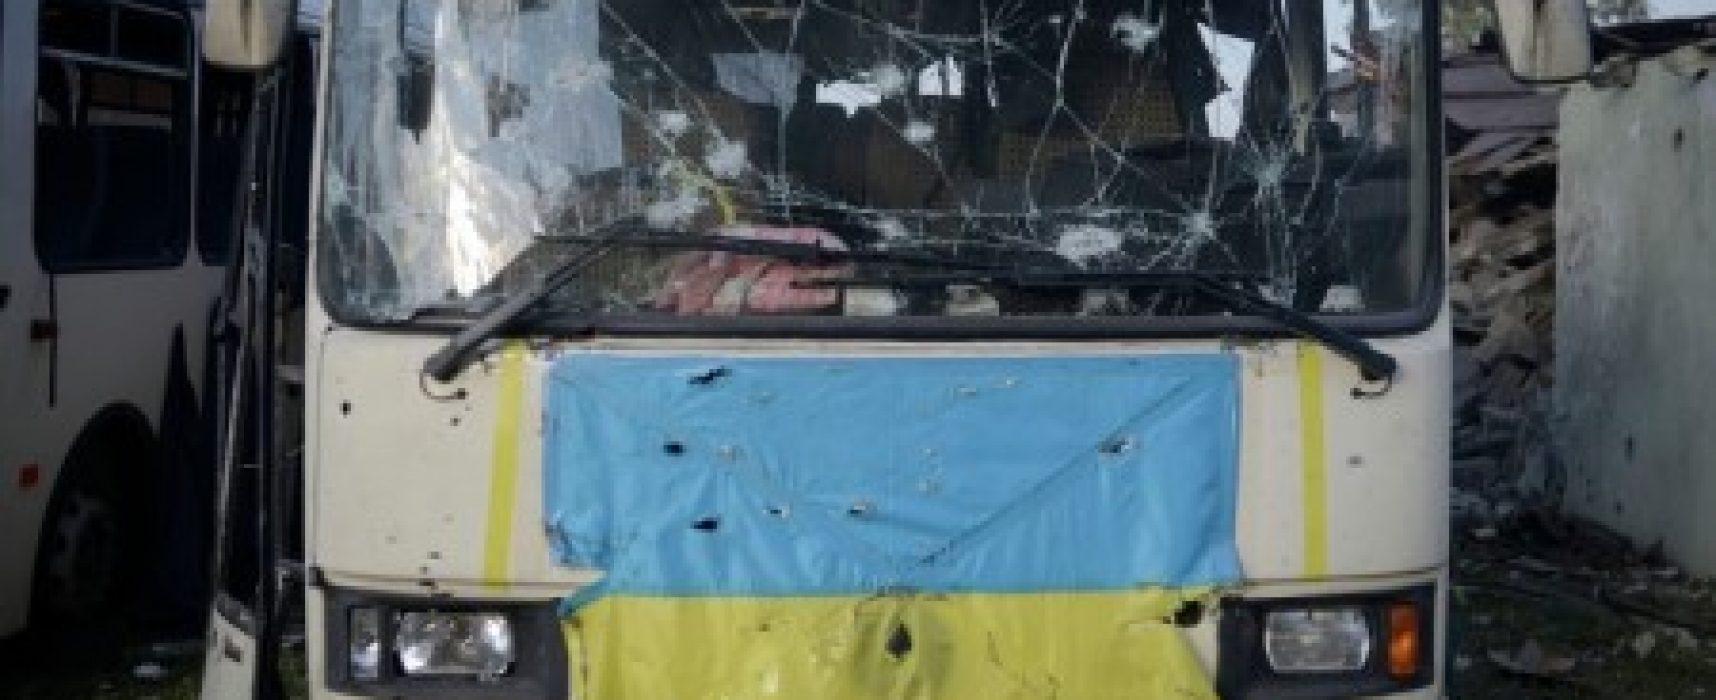 Le mois sanglant. Deux ans après la tragédie d'Ilovaysk